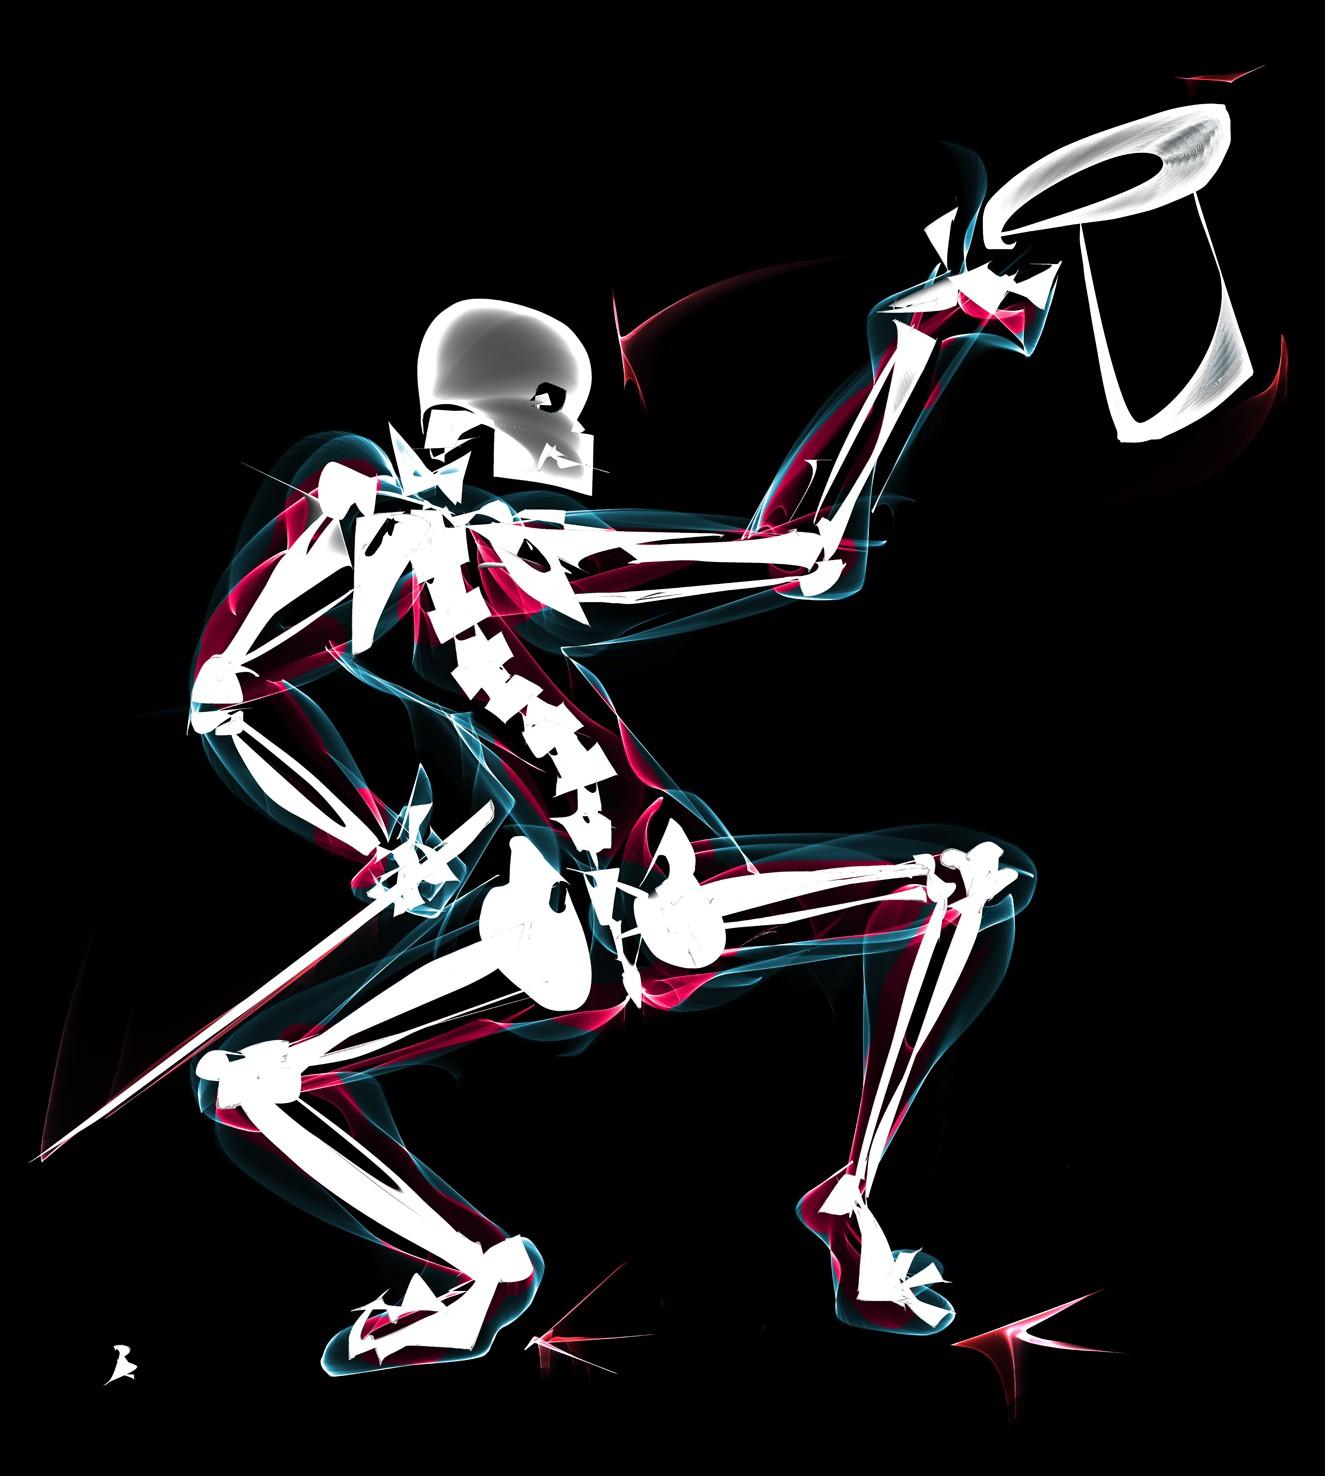 X-kull dancer